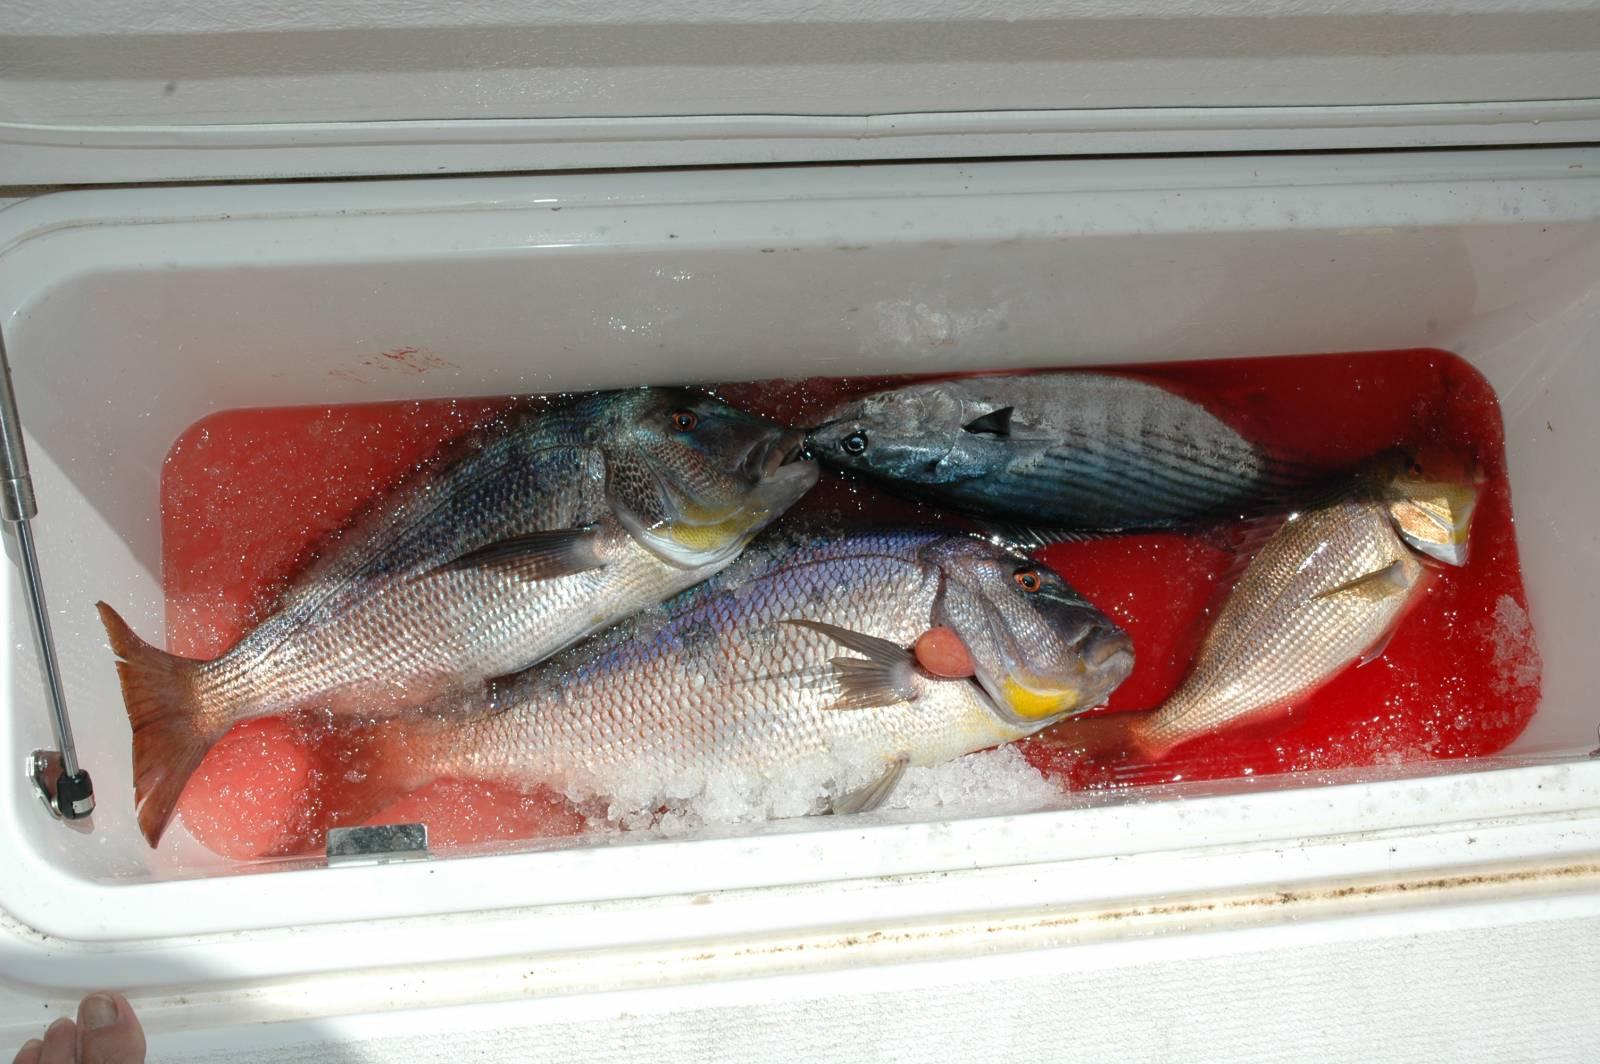 una perfetta baiatura: appena catturato  il pesce va besso in un mix di ghiaccio ed acqua di mare questo processo è una perfetta pre conservazione